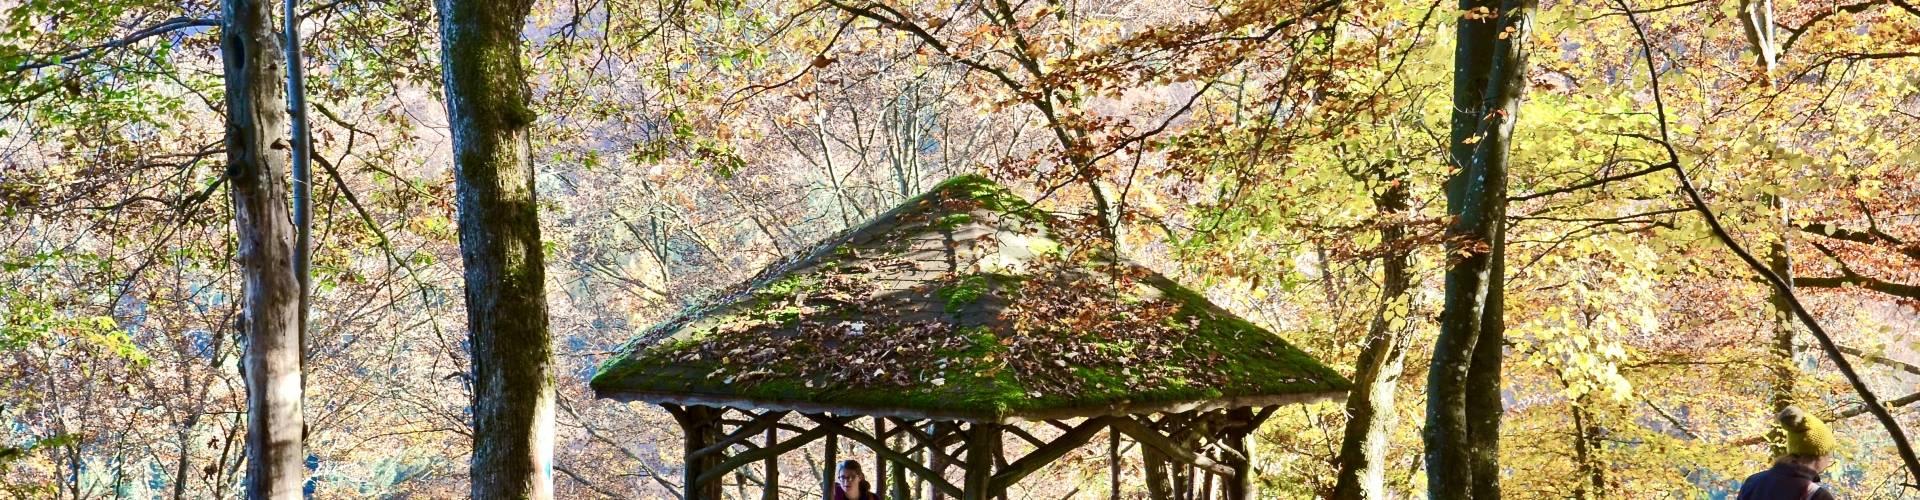 circular walk consdorf 02 laurent jacquemart